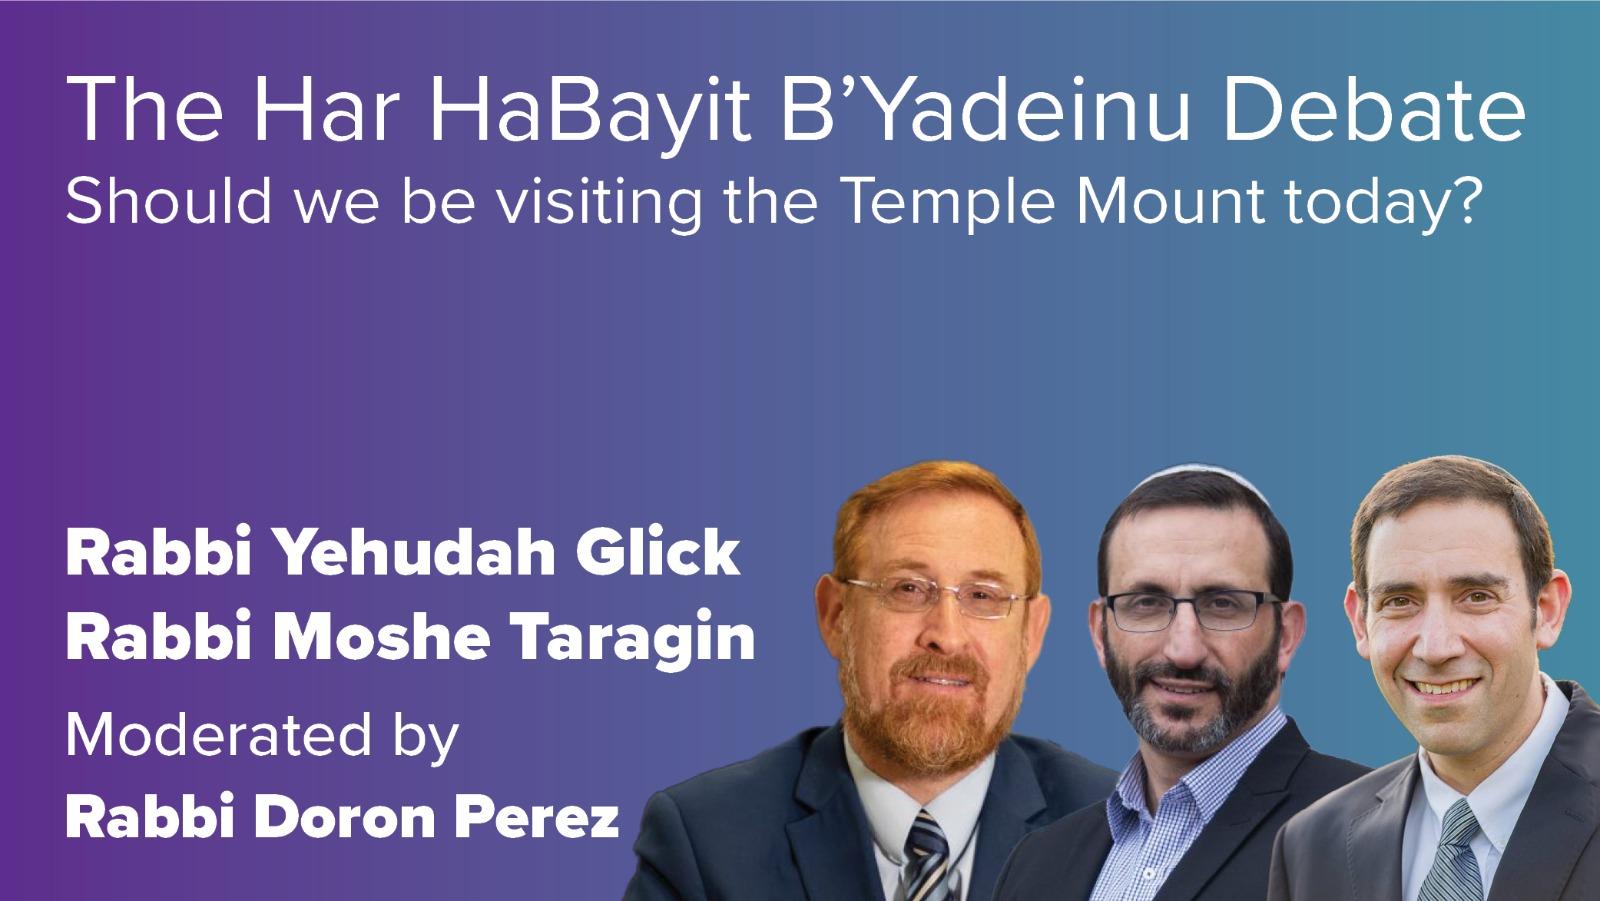 The Har HaBayit B'Yadeinu Debate